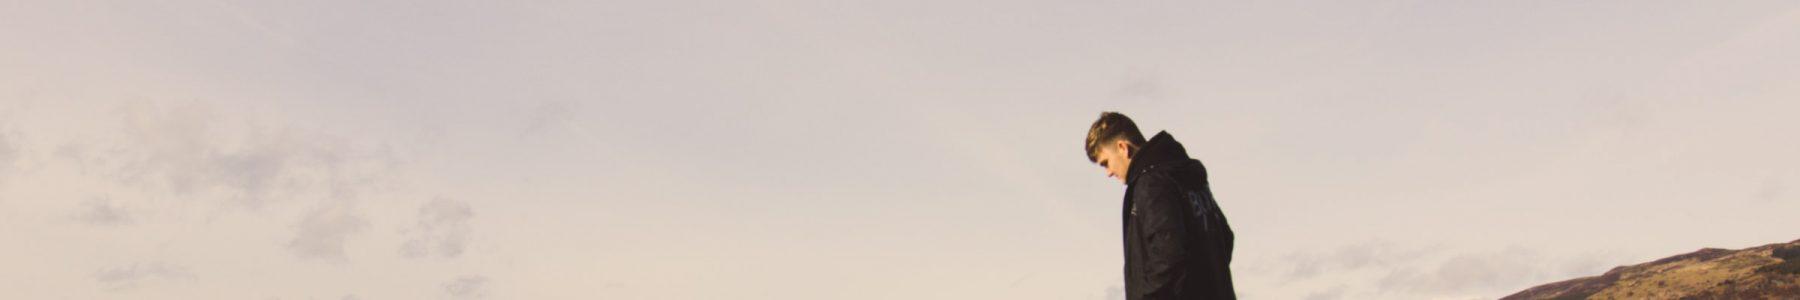 clouds-daylight-dusk-1992449